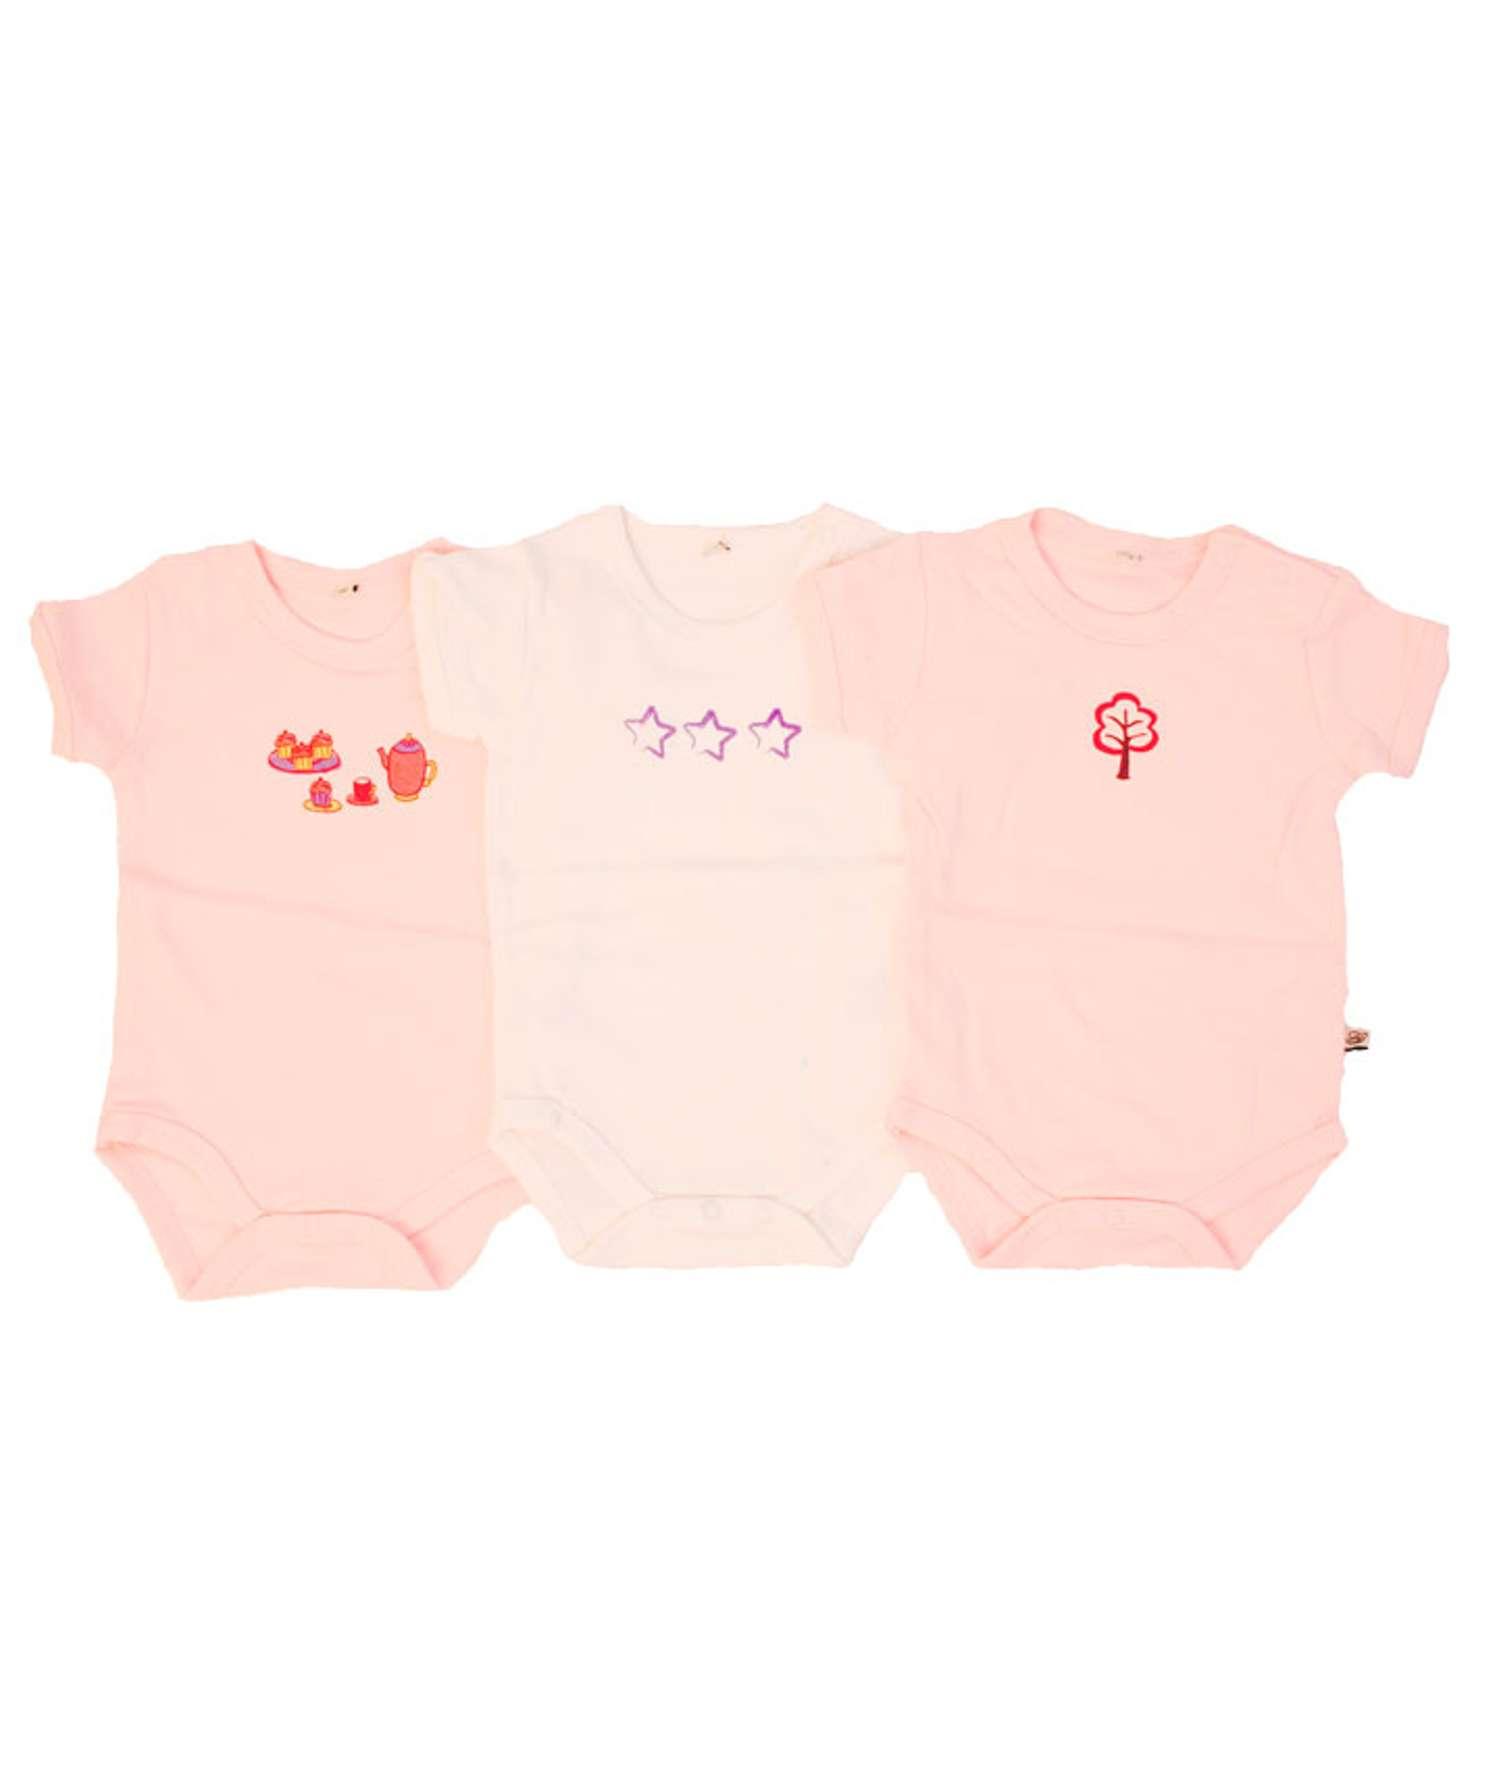 Pippi - Body kortærmet - Rosa - Størrelse 56